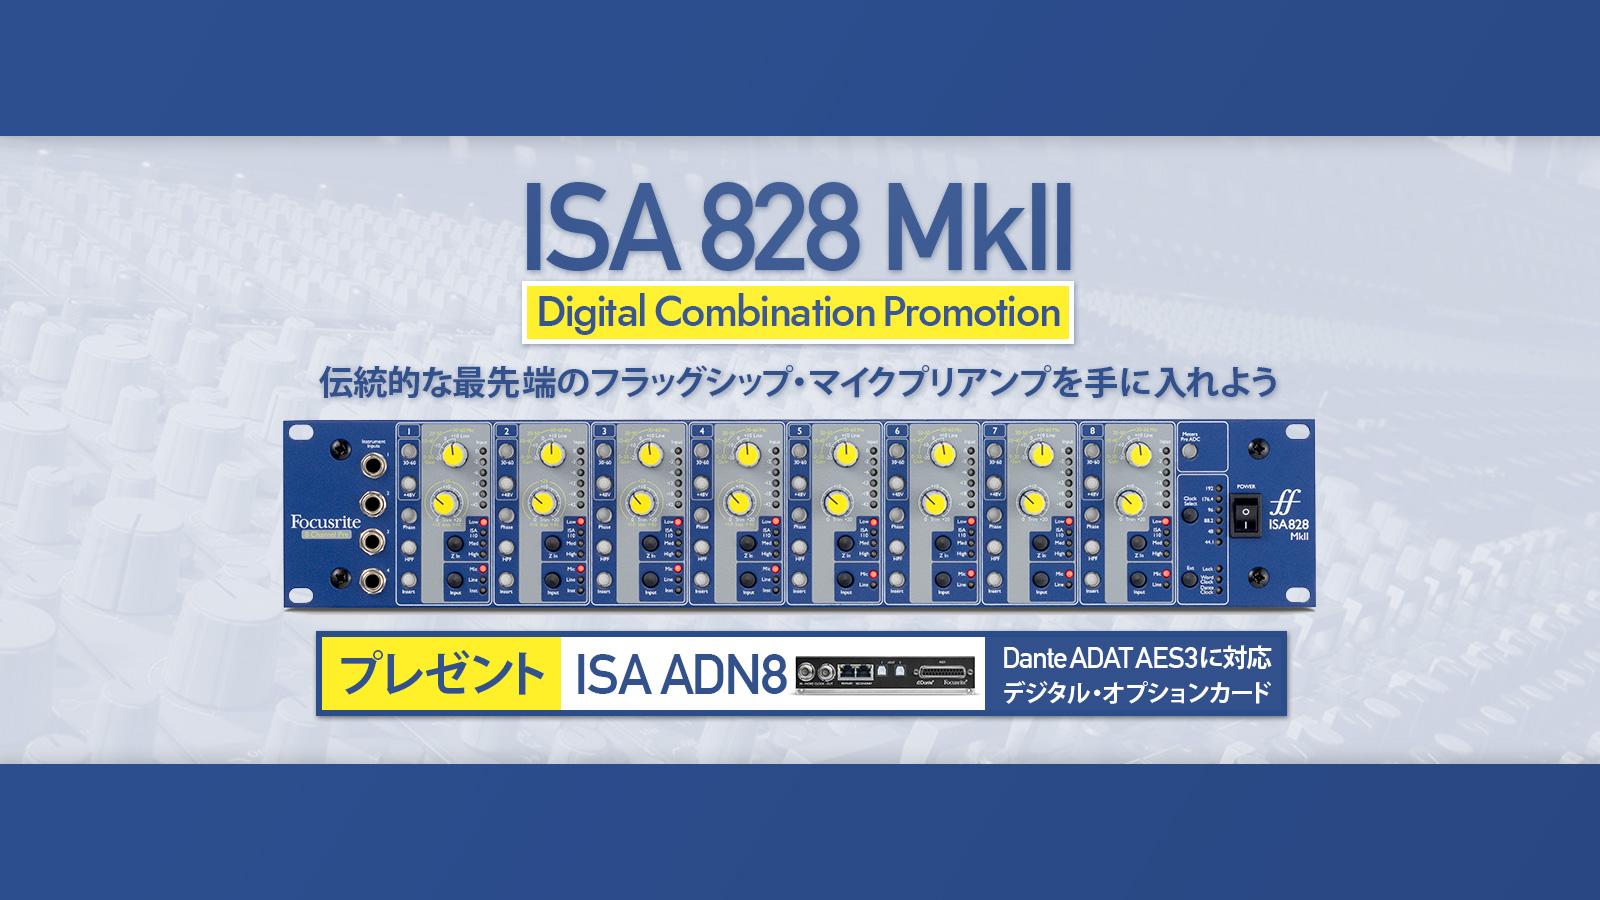 ISA 828 MkII デジタル・コンビネーション プロモーション